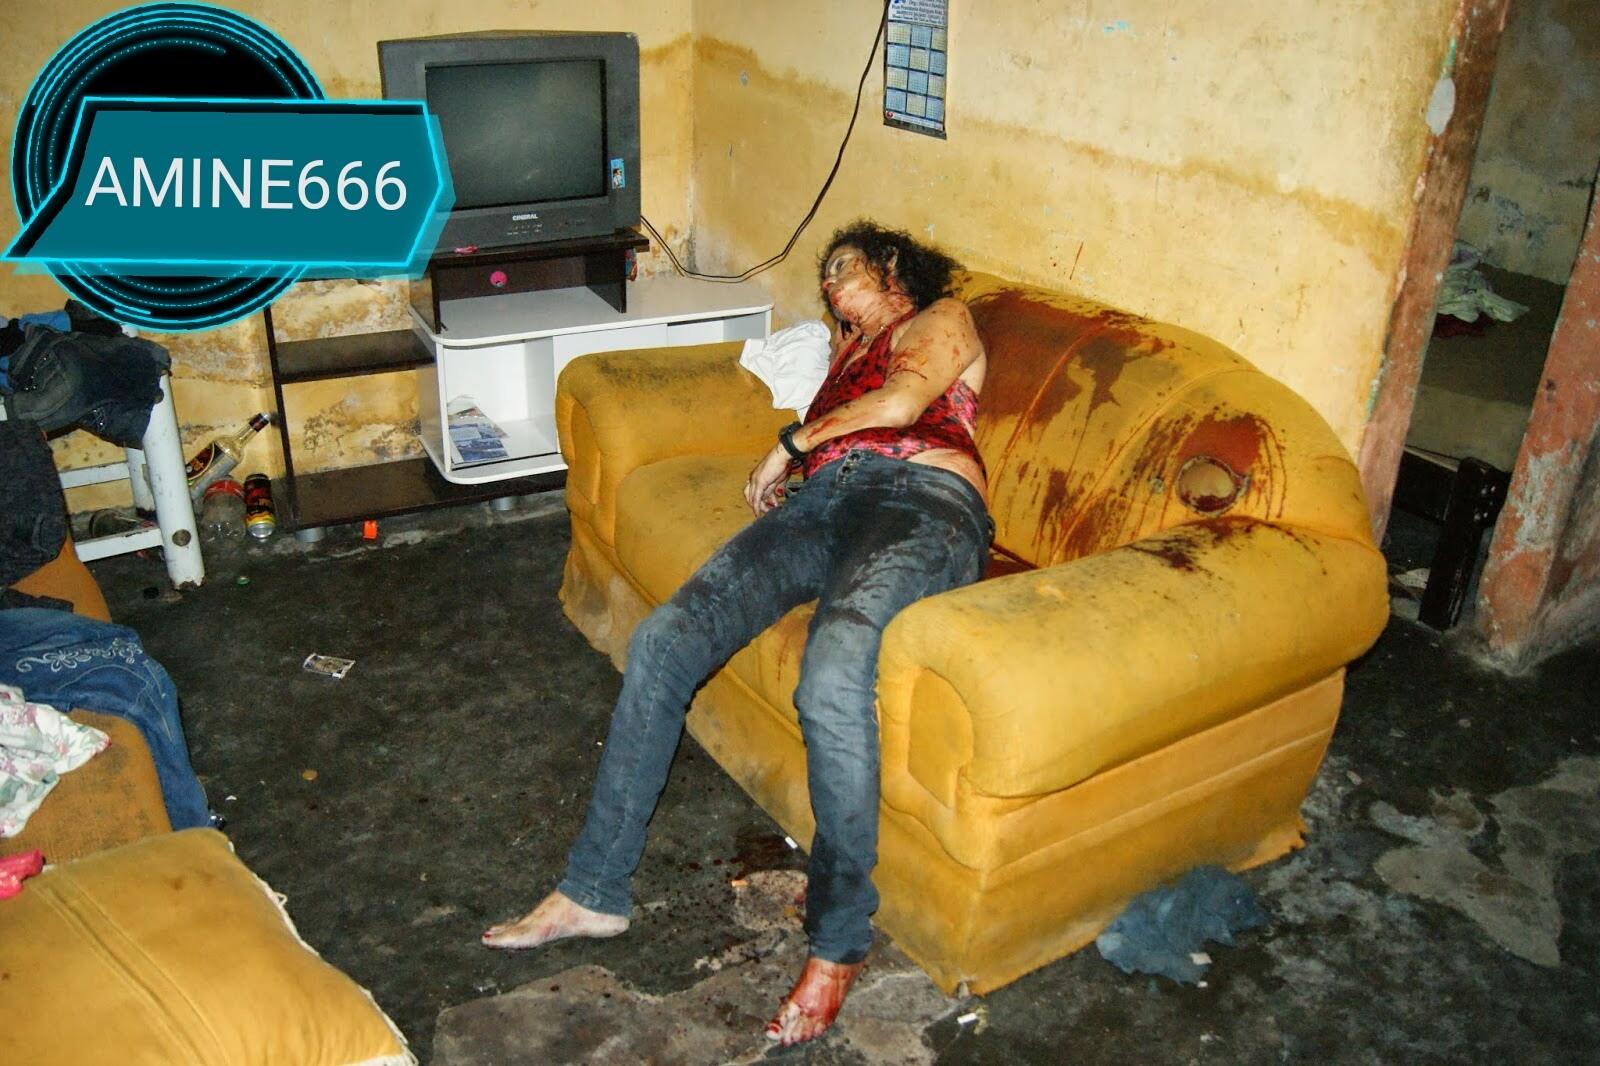 【閲覧注意】麻薬絡みのトラブルで殺された外国人女性、表情ヤバい・・・・・(画像)・2枚目